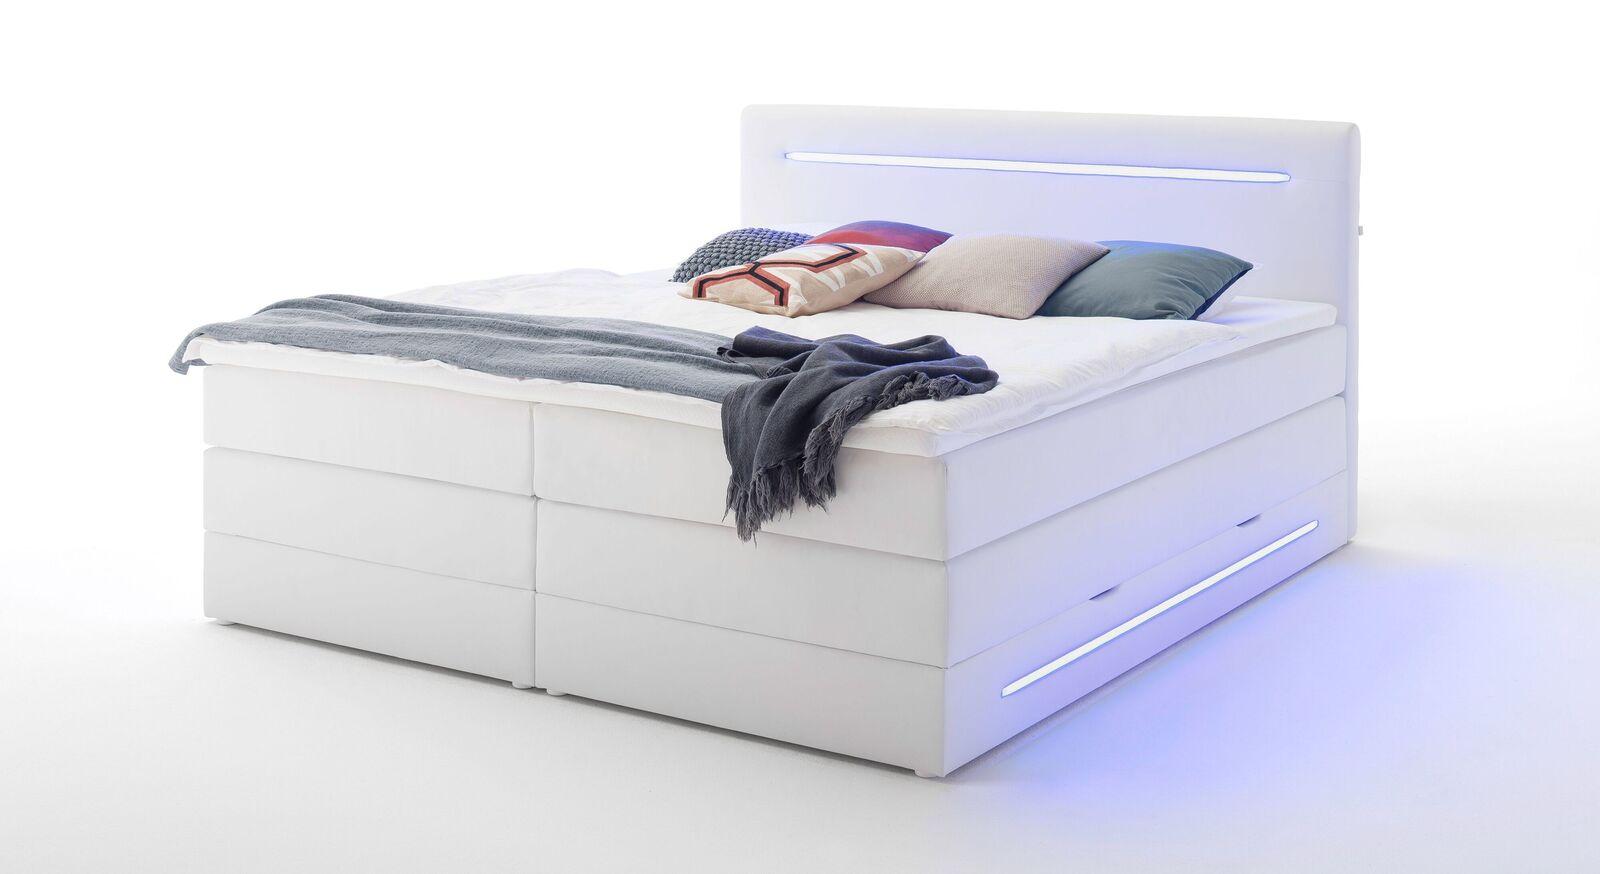 Bettkasten-Boxspringbett Tarasco mit geteilten Matratzen